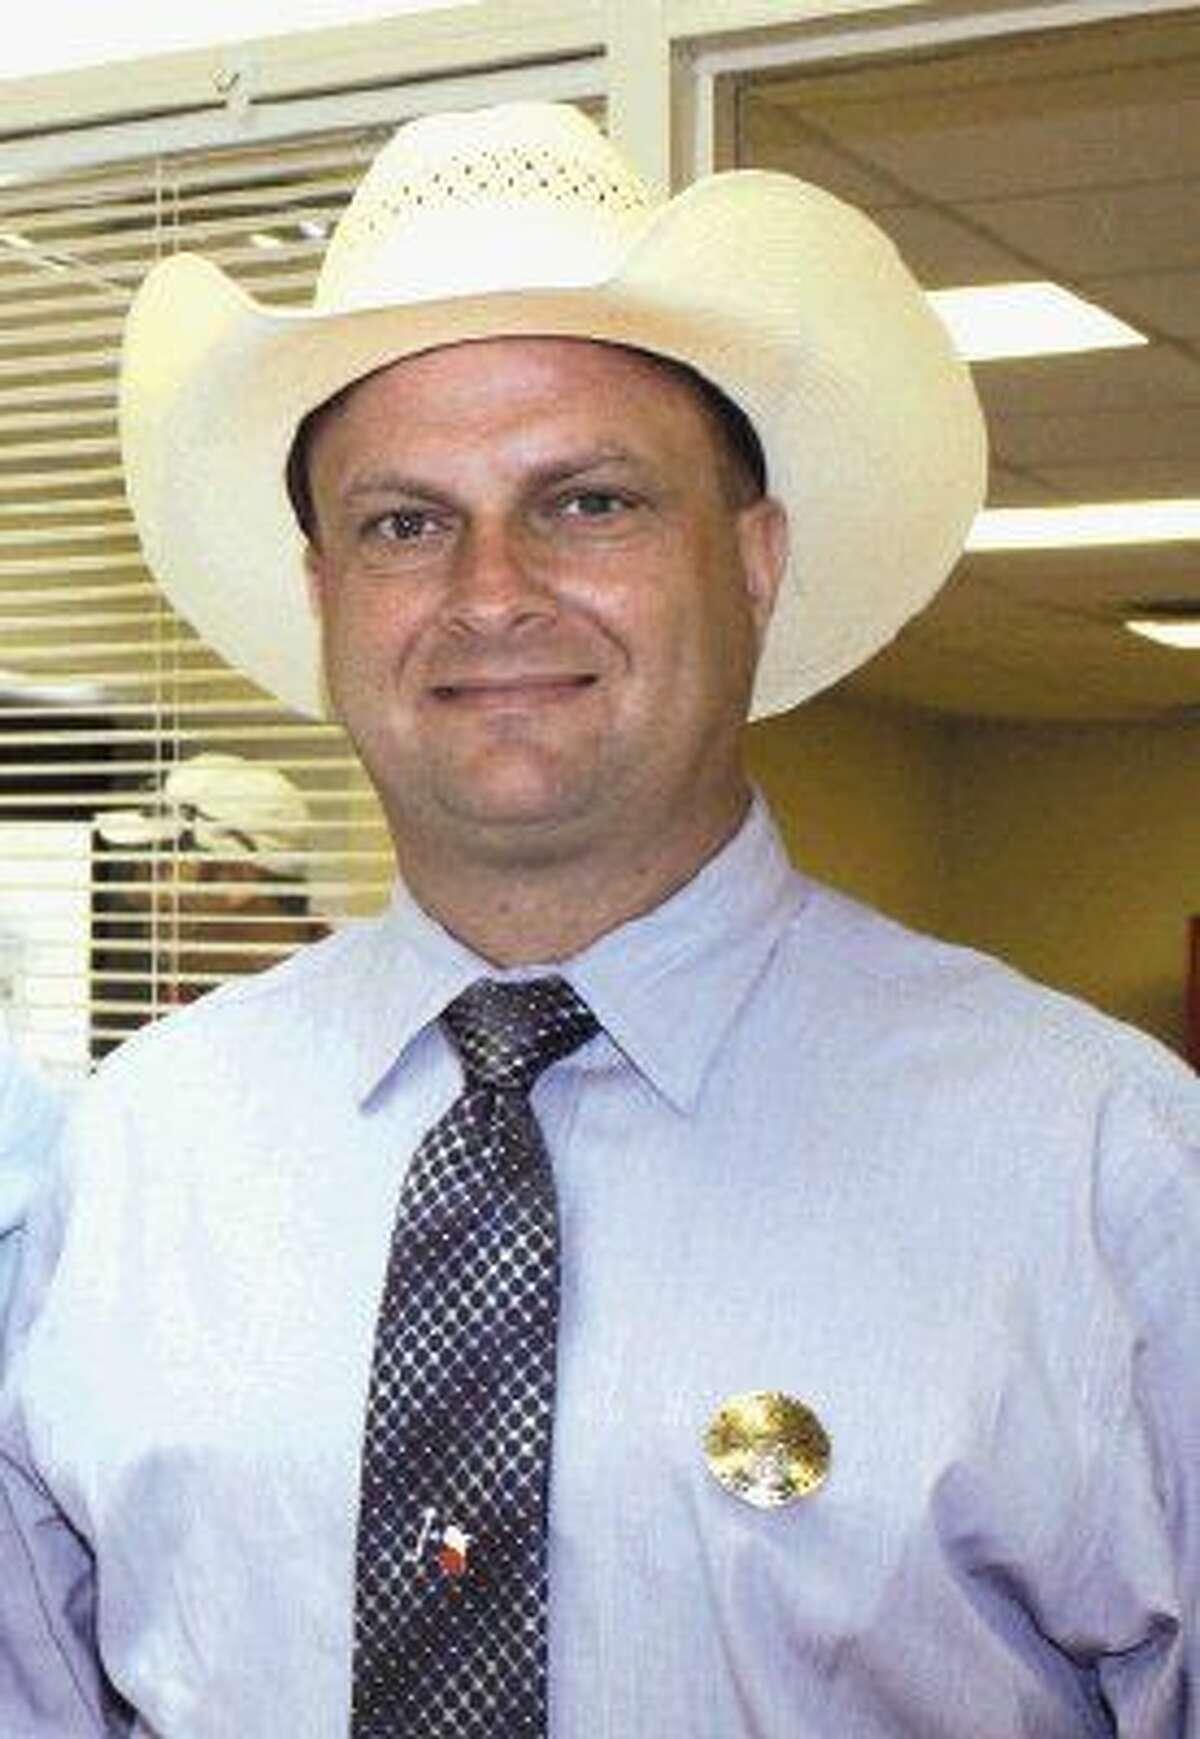 Montgomery County Precinct 4 Constable Kenneth